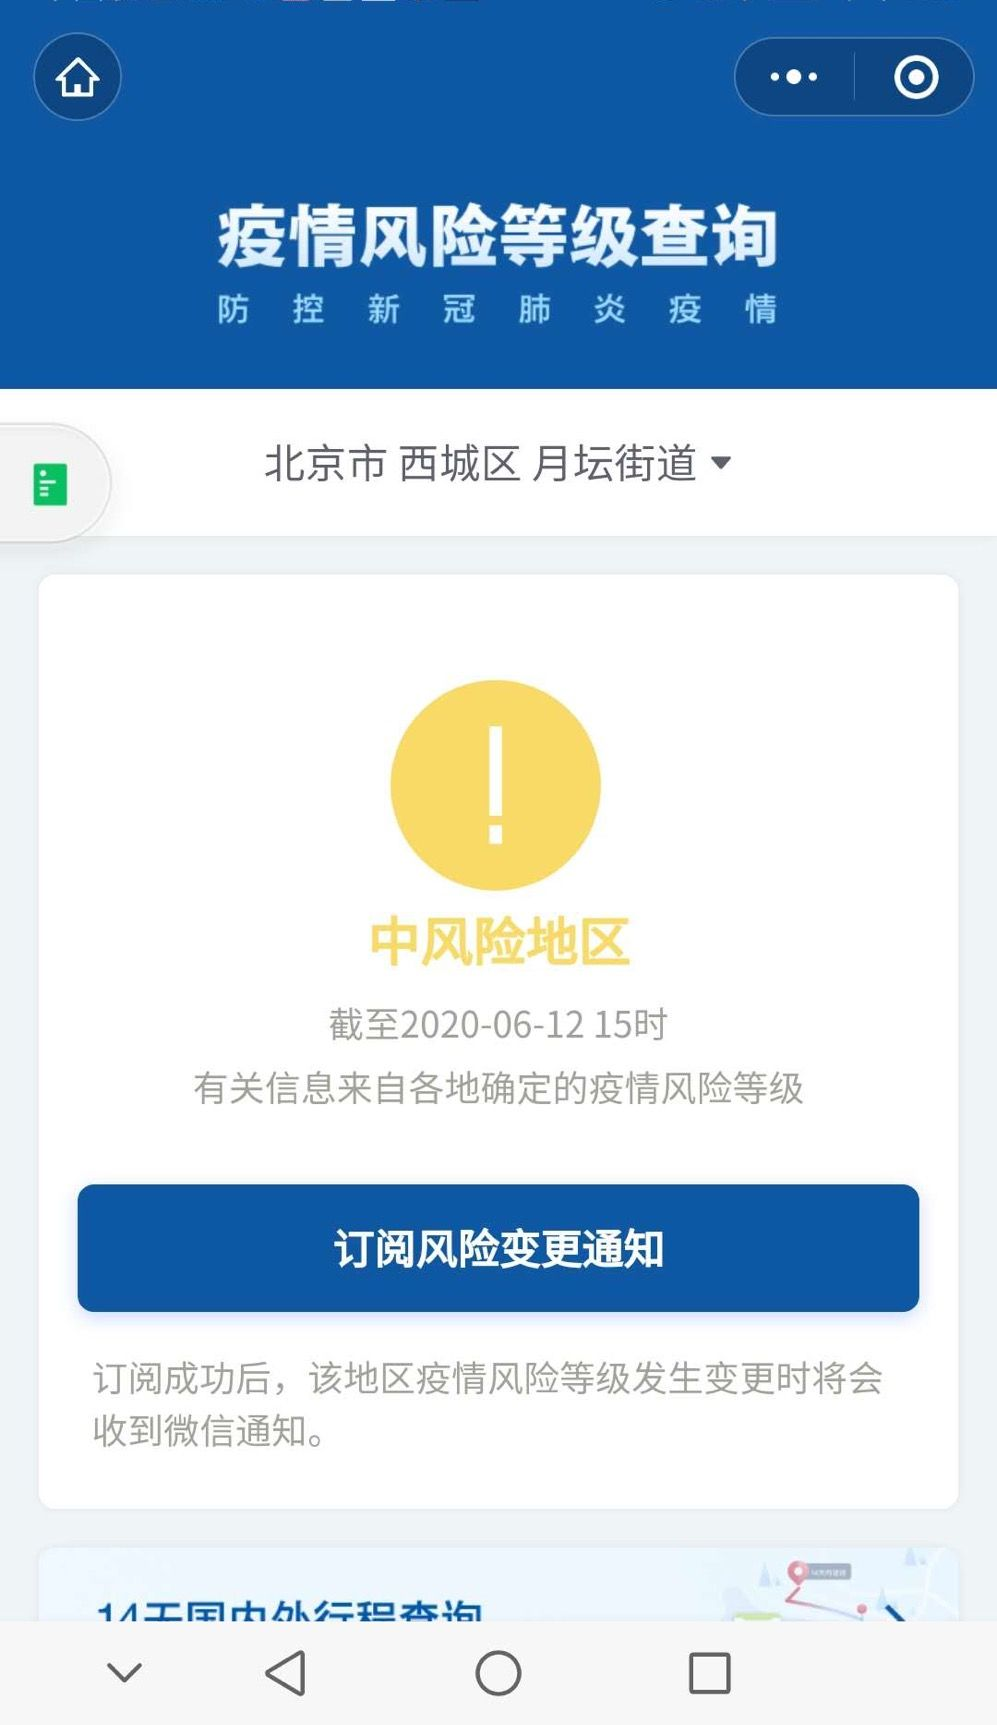 """月坛街道""""中风险"""",北京疫情风险等级分区细化到街乡镇图片"""